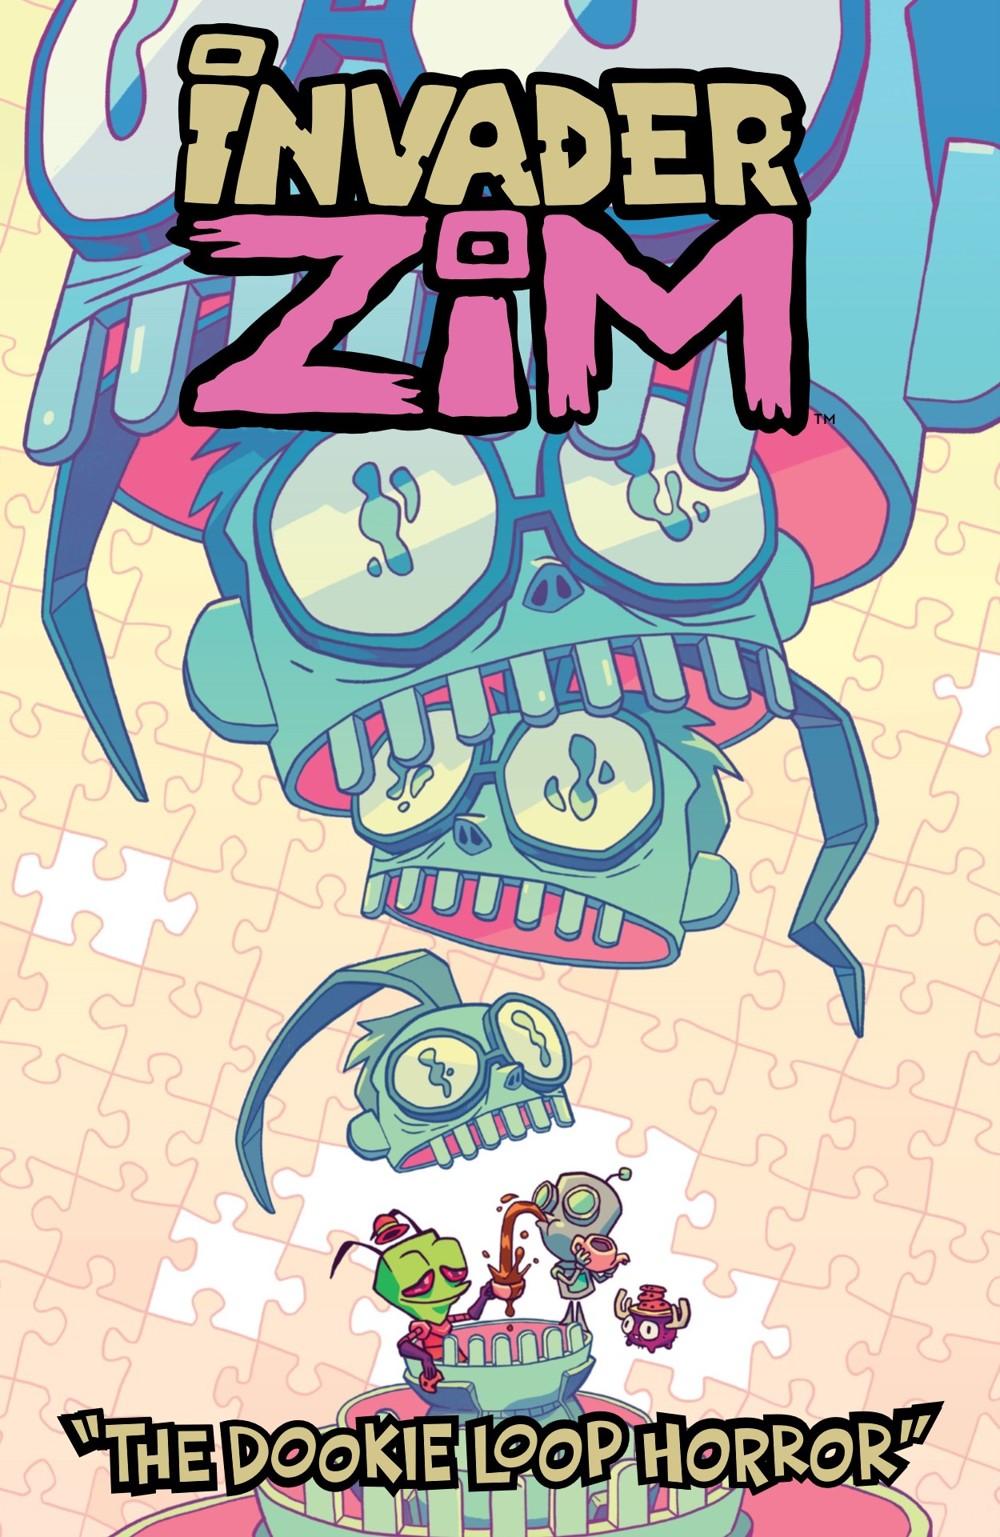 INVADERZIM-DOOKIE-LOOP-HORROR-MARKETING-02 ComicList Previews: INVADER ZIM THE DOOKIE LOOP HORROR #1